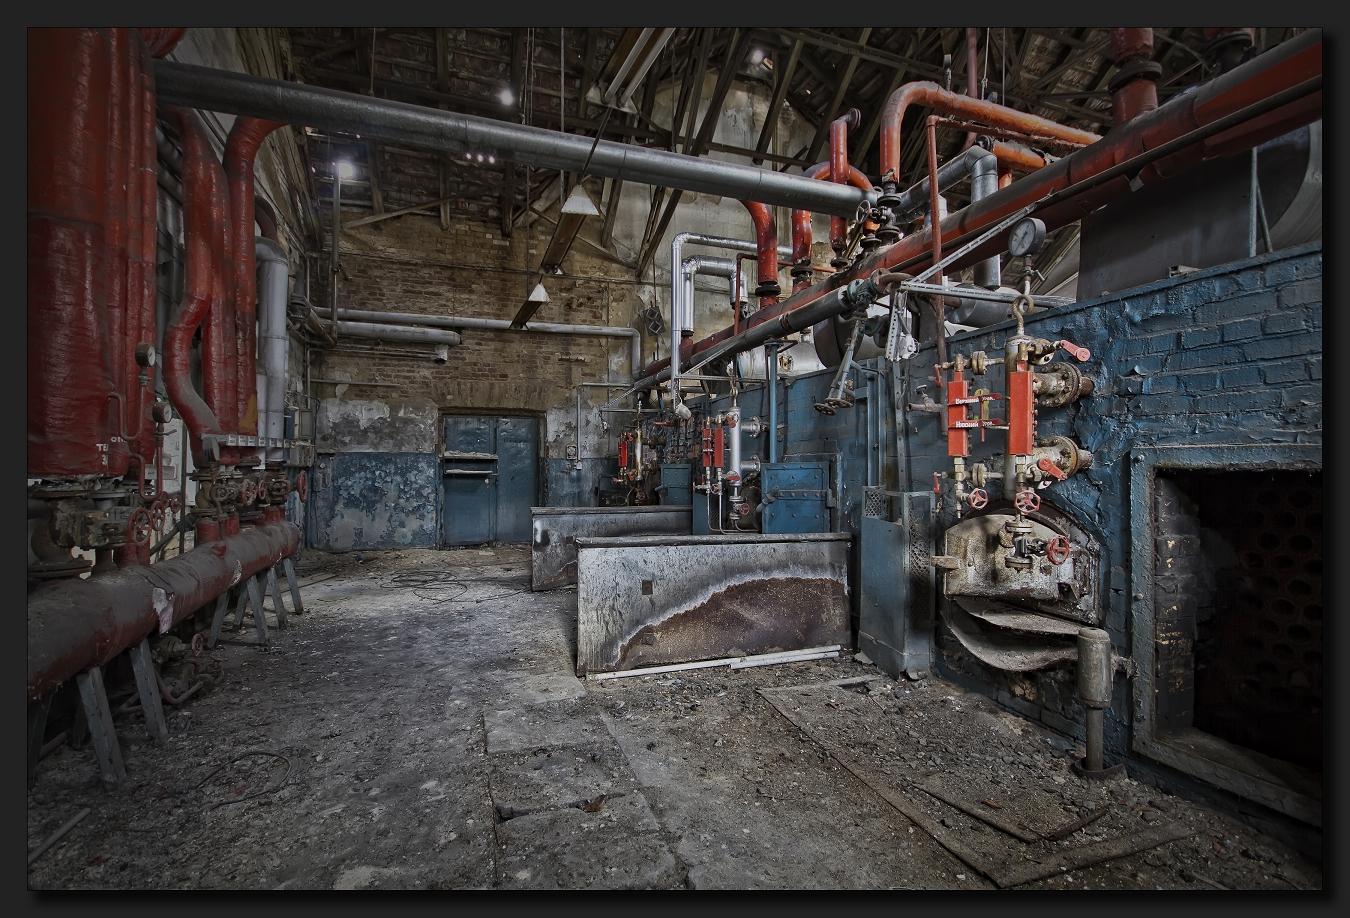 Kaiserliches Heizkraftwerk